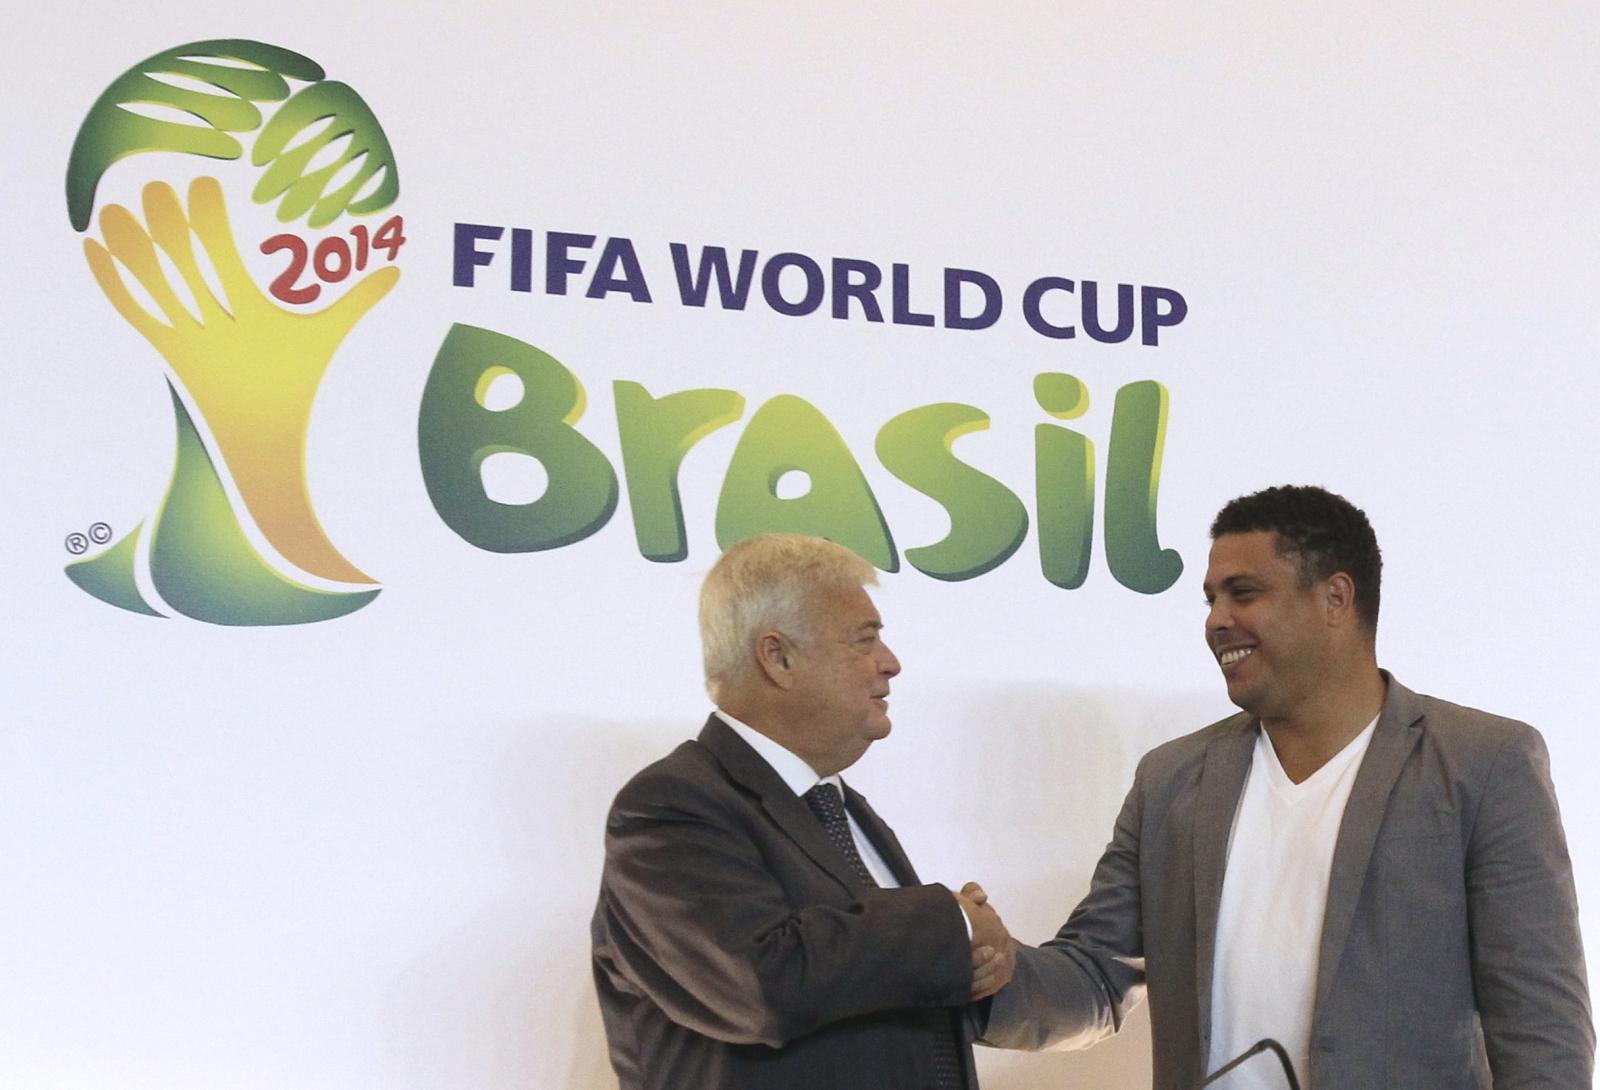 World Cup Brazil Teixeira